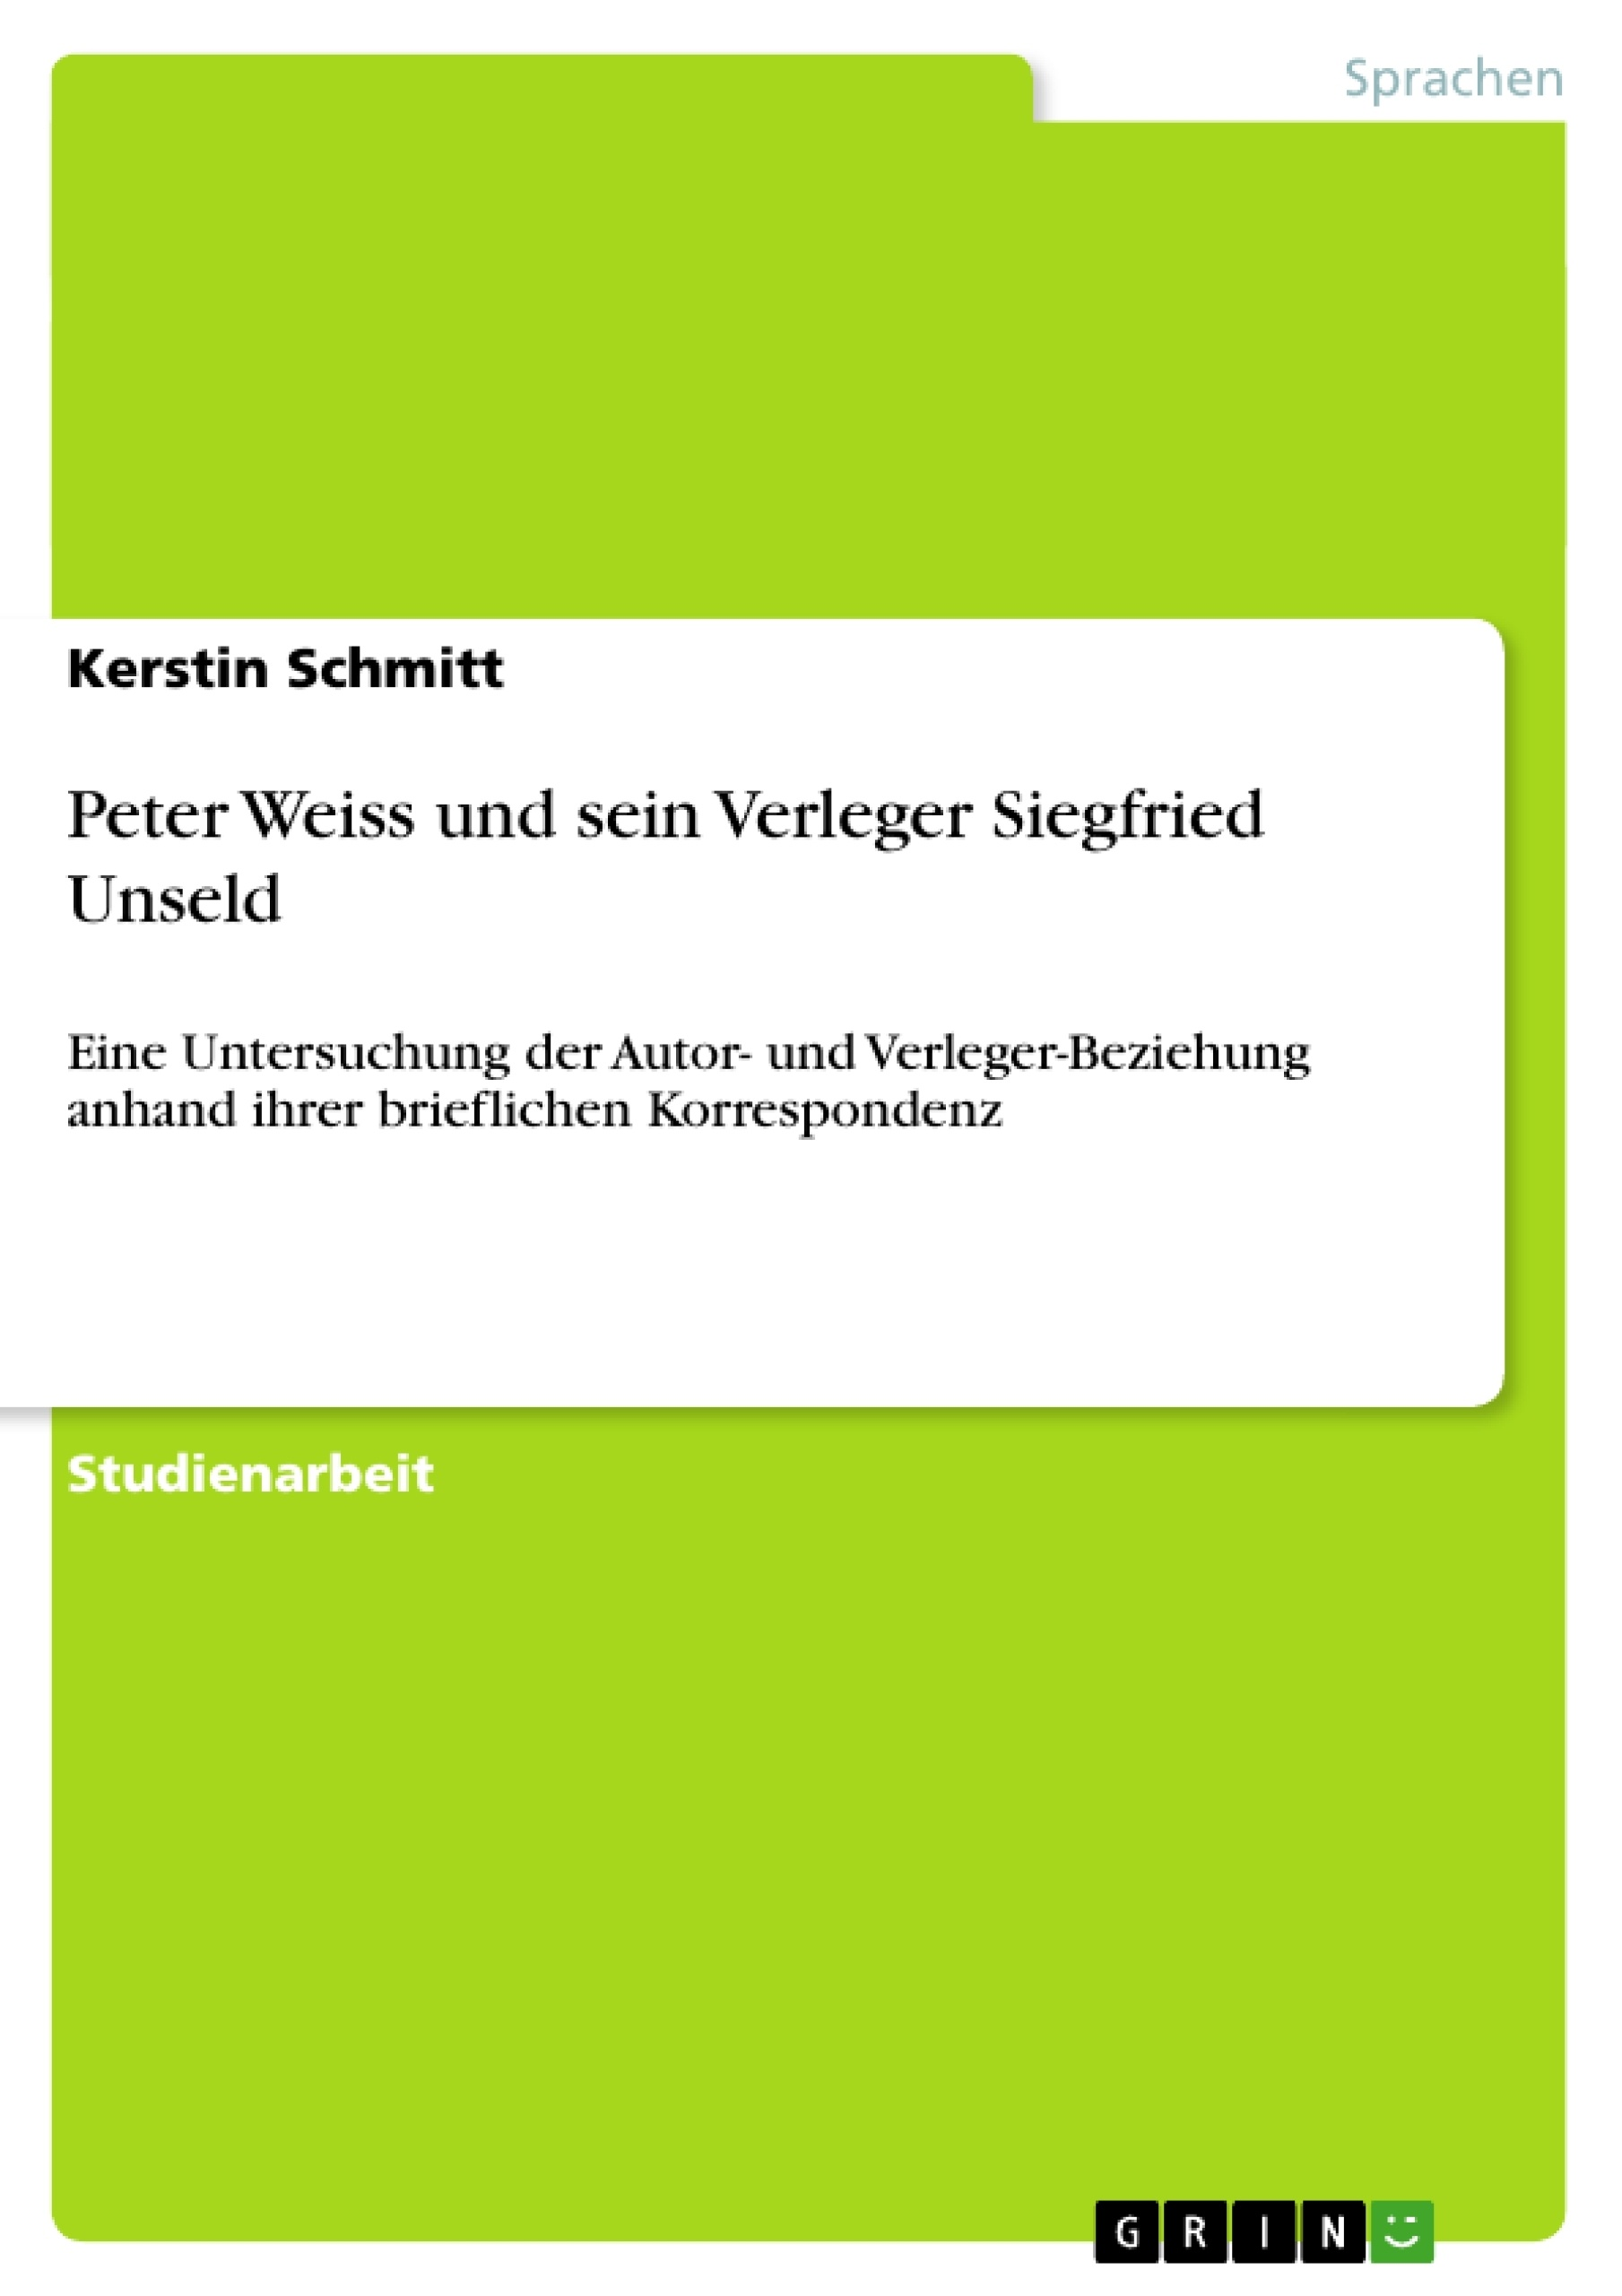 Titel: Peter Weiss und sein Verleger Siegfried Unseld